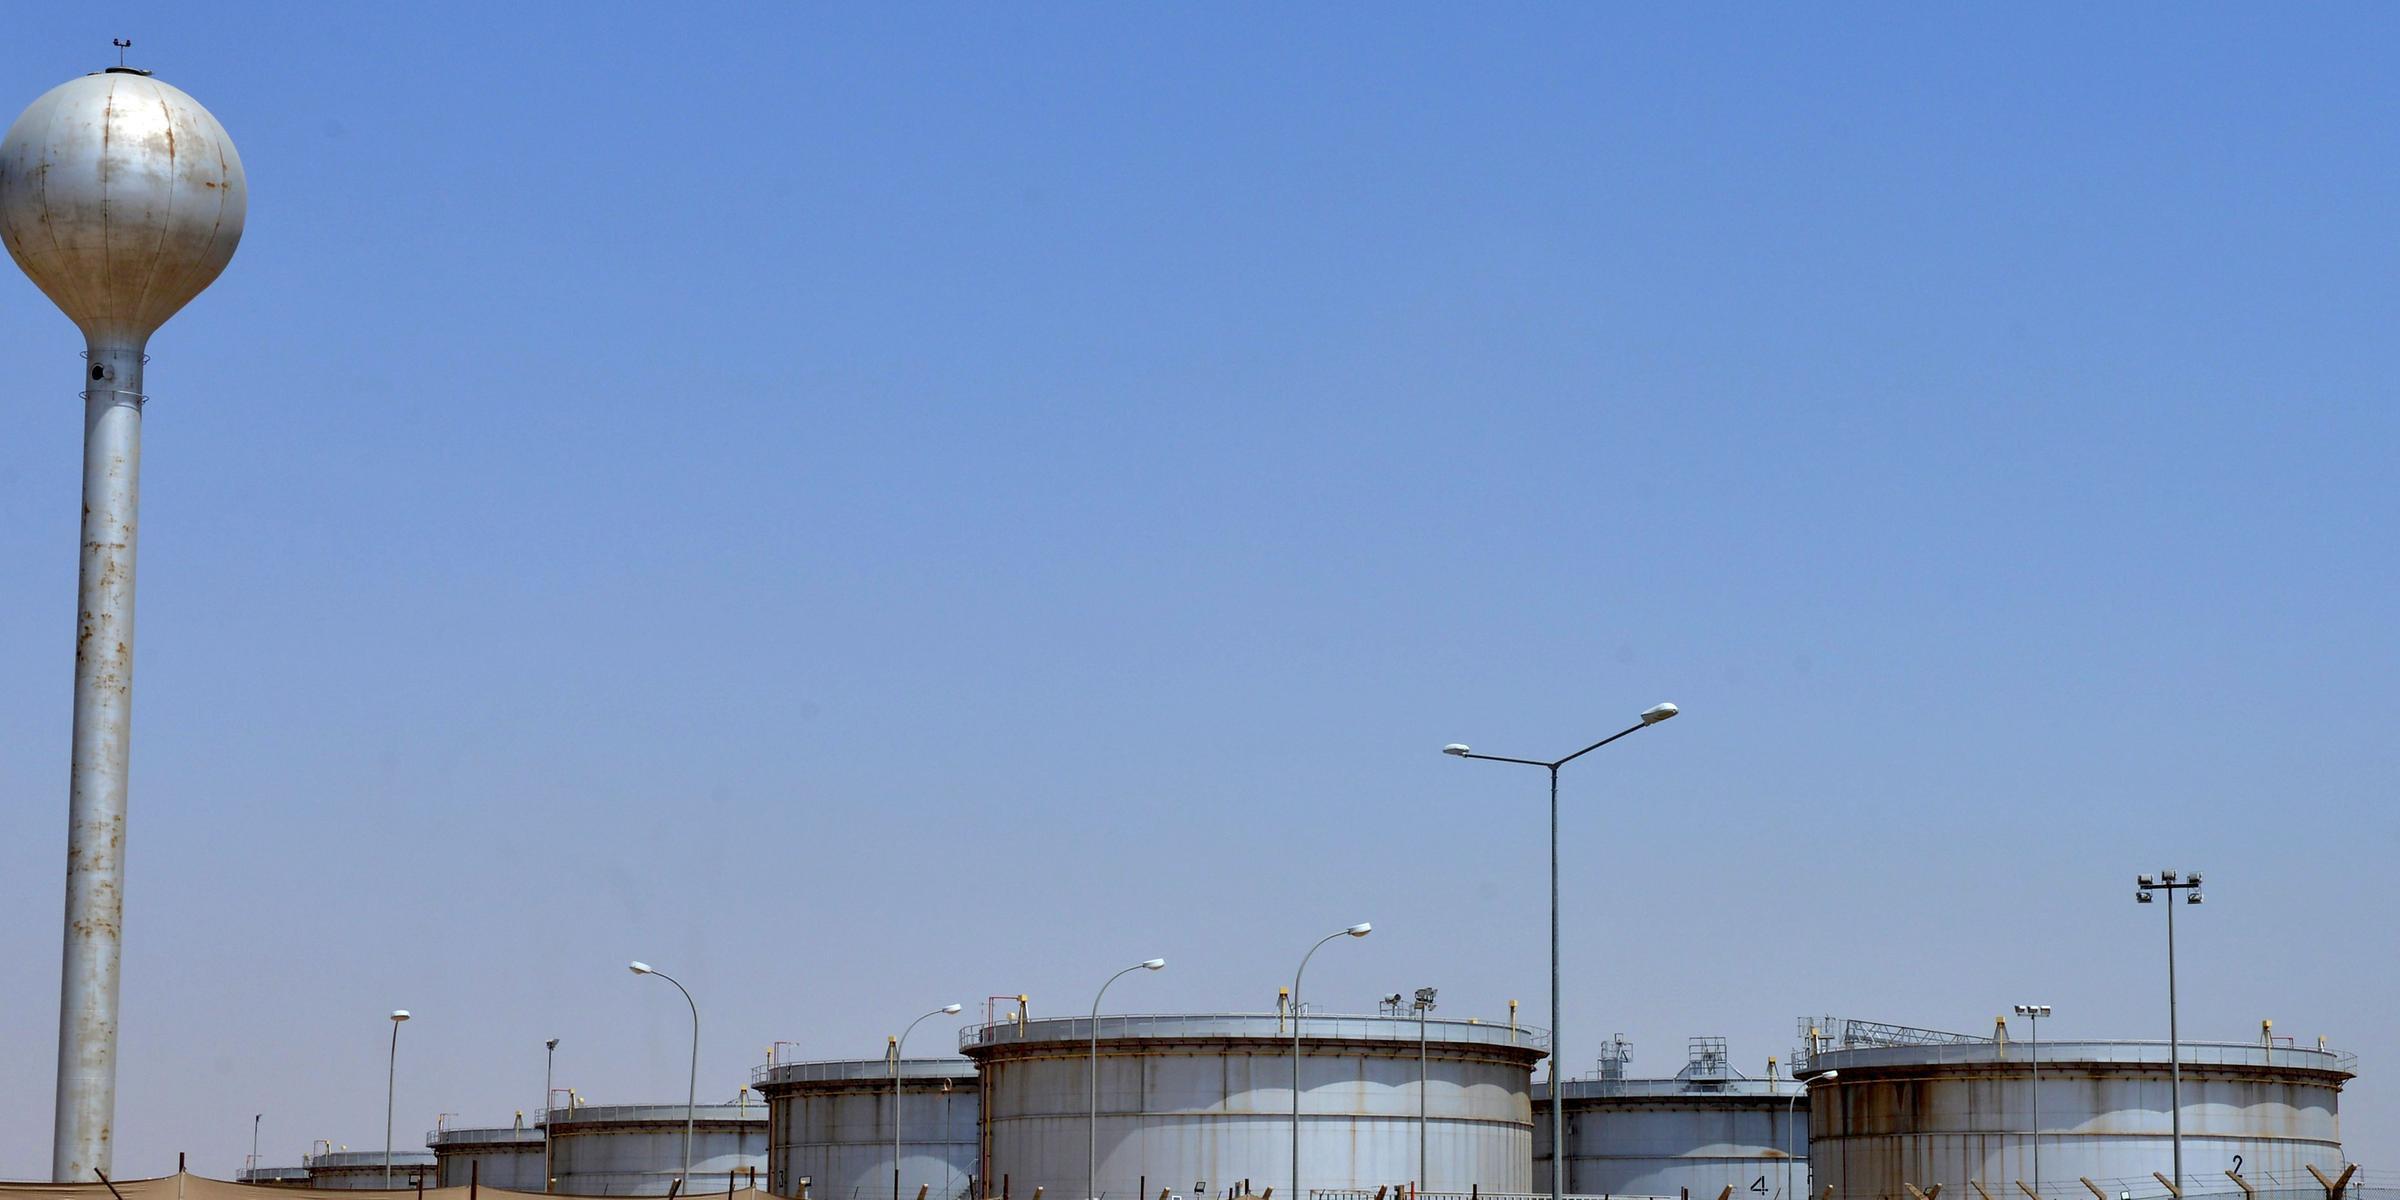 Ataques do fim semana atingiram infraestruturas petroleiras na Arábia Saudita